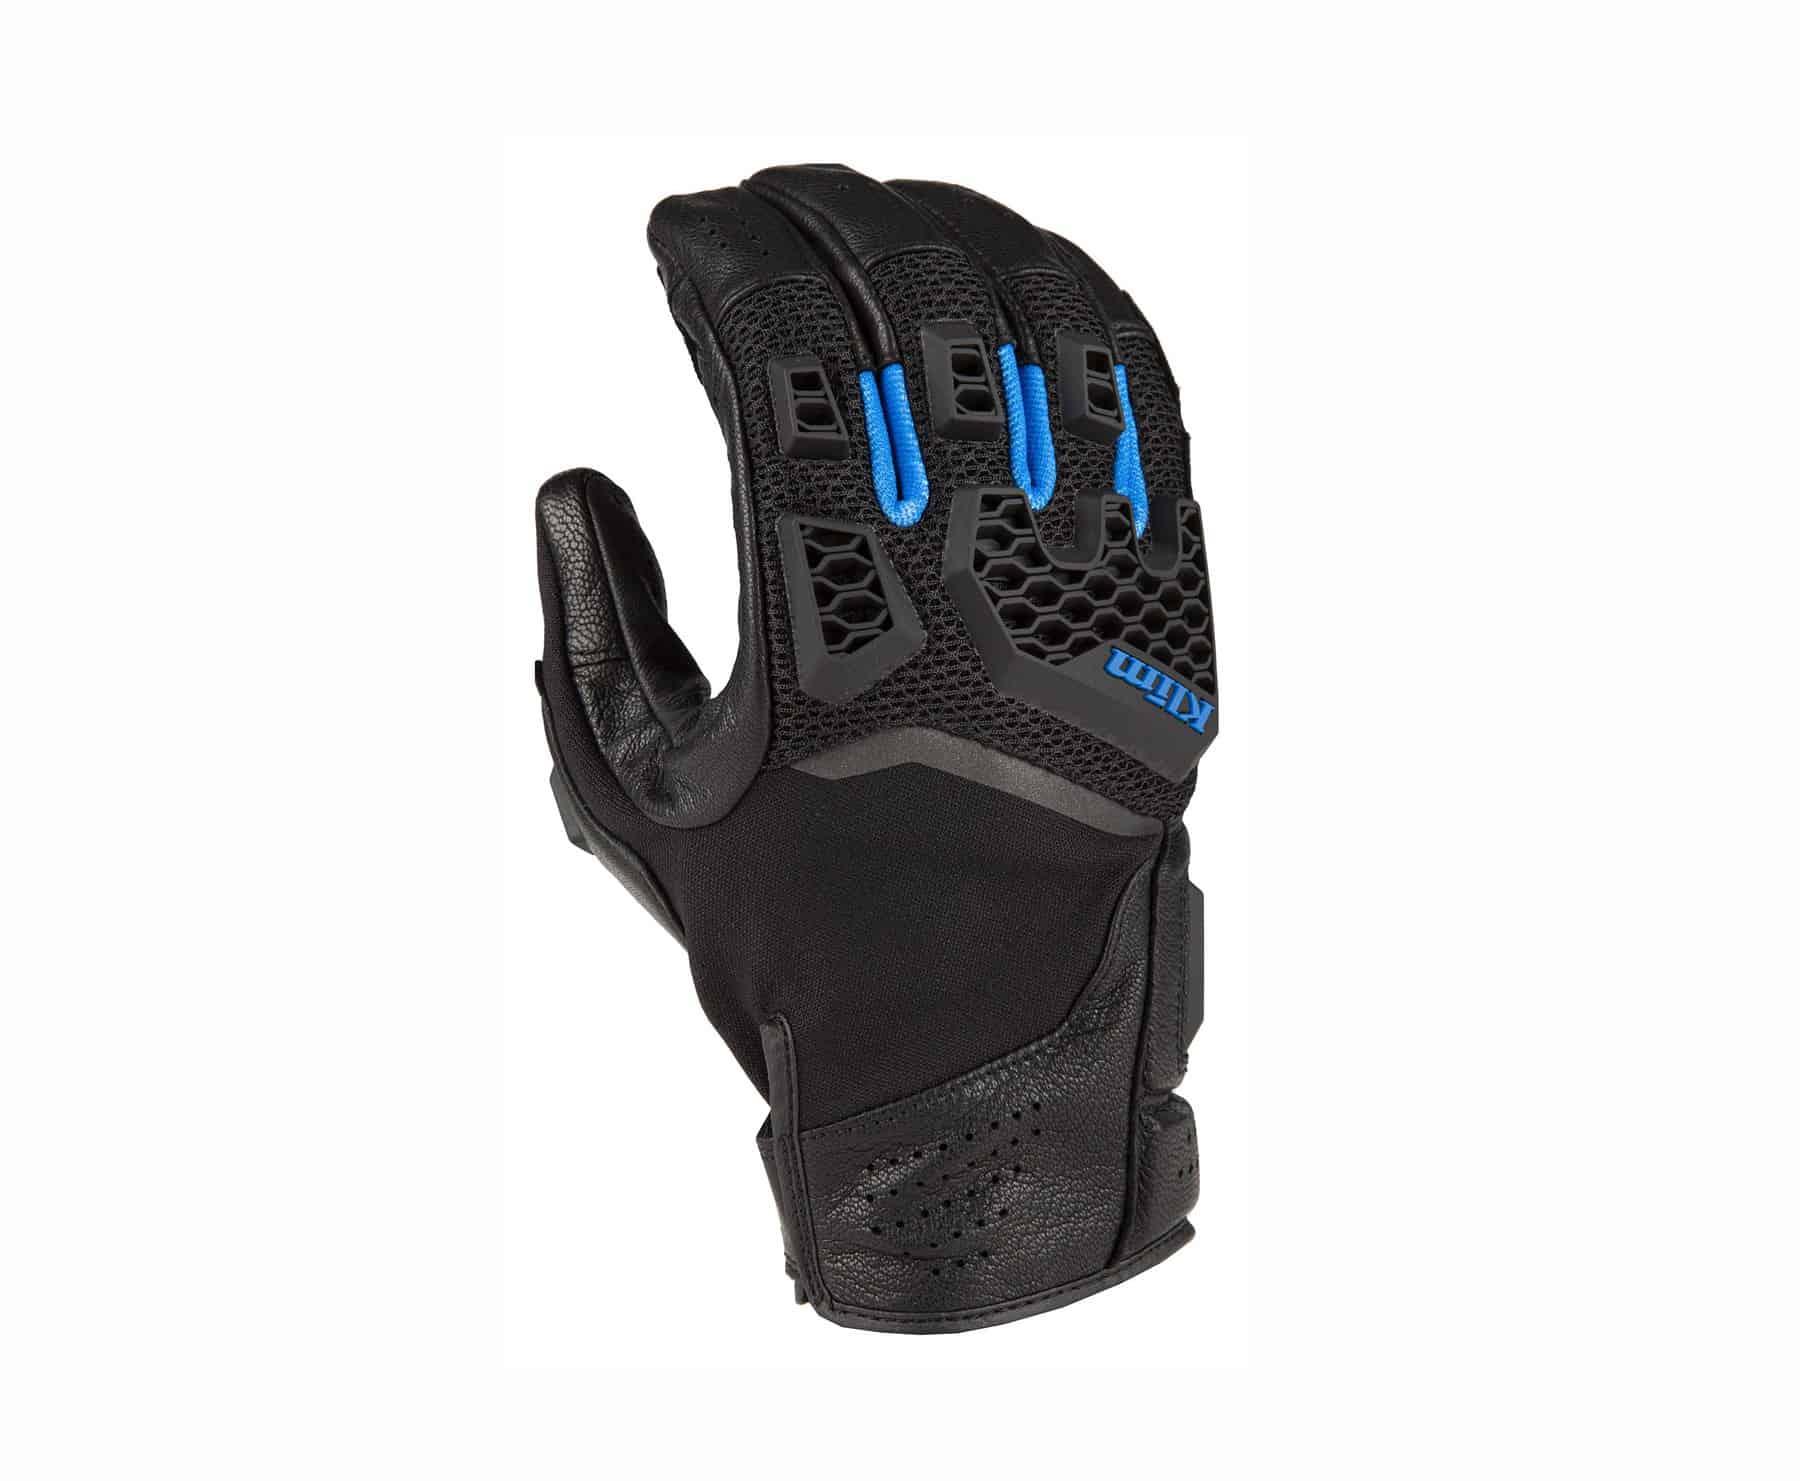 KLIM-New-Baja-S4-gloves 1